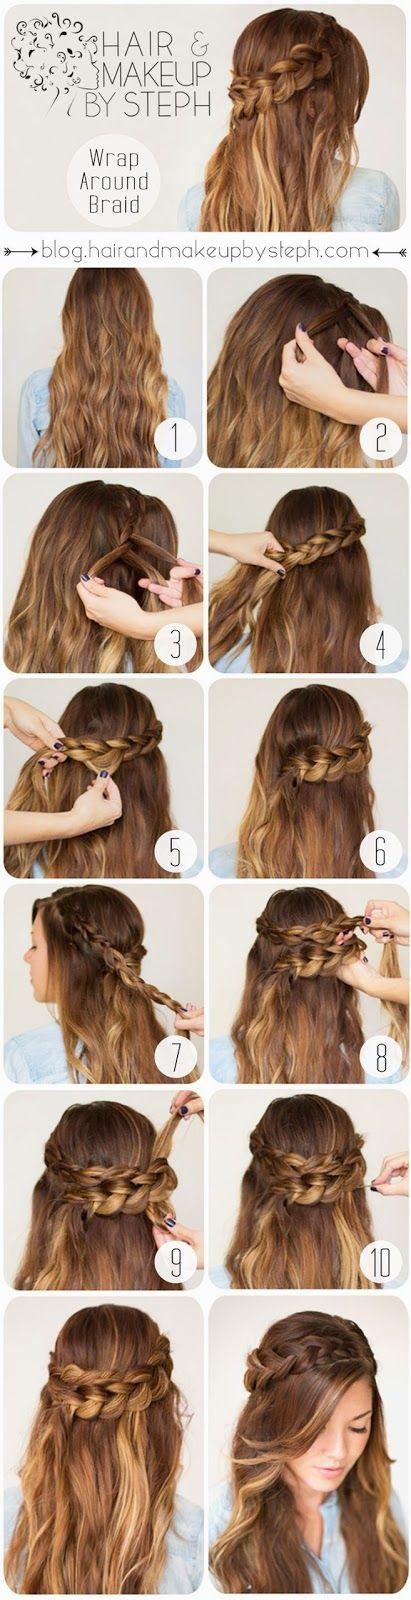 #tresses #couronne #coiffure #hairstyle #tuto #DIY #mariée #bride #mariage #wedding --- Top, je n'arrête pas de parler de la natte couronne et voila que je tombe sur ce petit tuto photo.